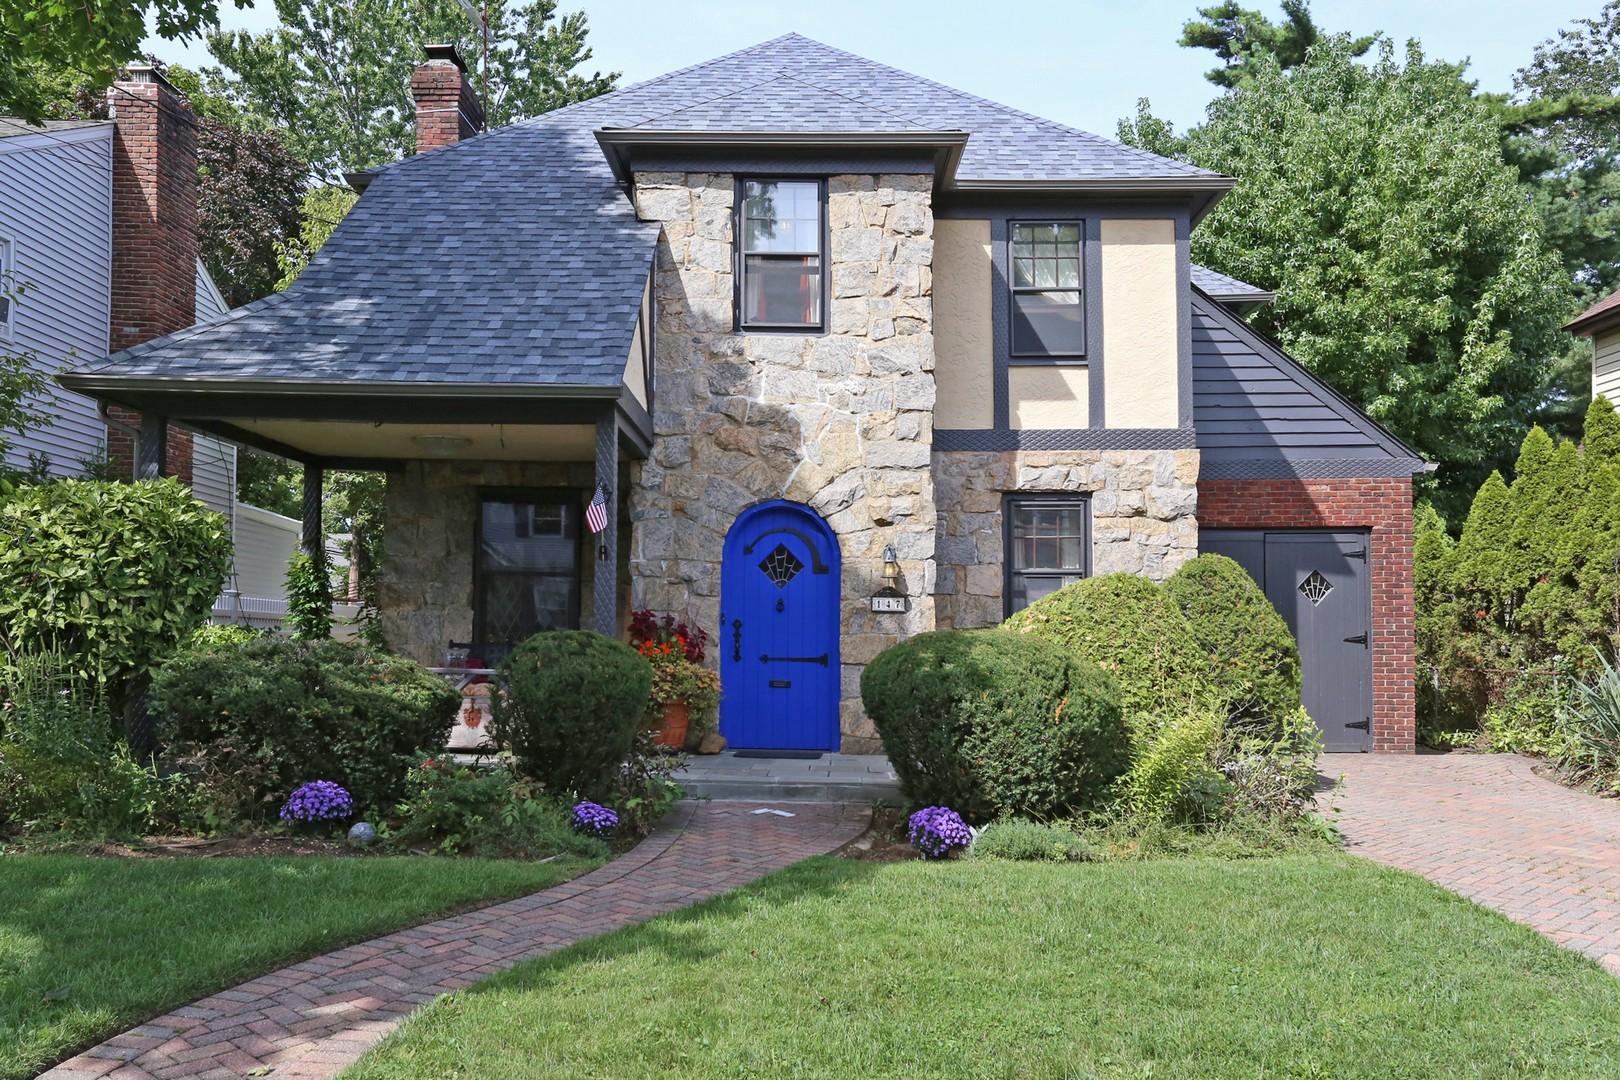 Einfamilienhaus für Verkauf beim Tudor 147 Wright Ave Malverne, New York, 11565 Vereinigte Staaten